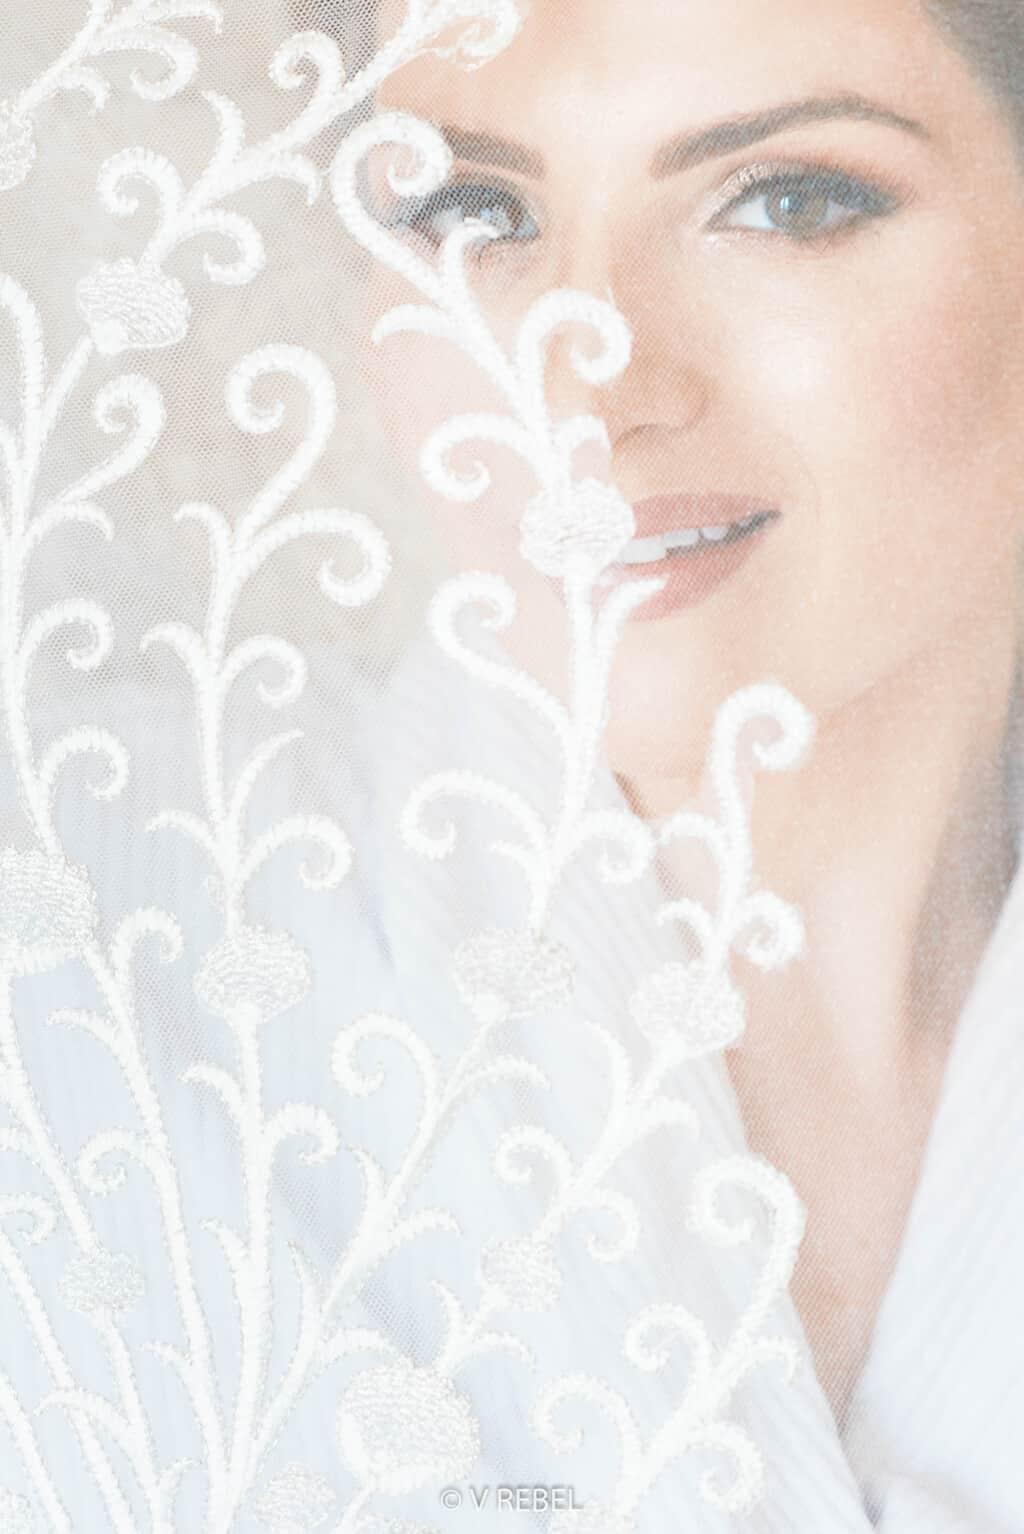 casamento-Caroline-e-Breno-casamento-clássico-fotografia-VRebel-making-of6